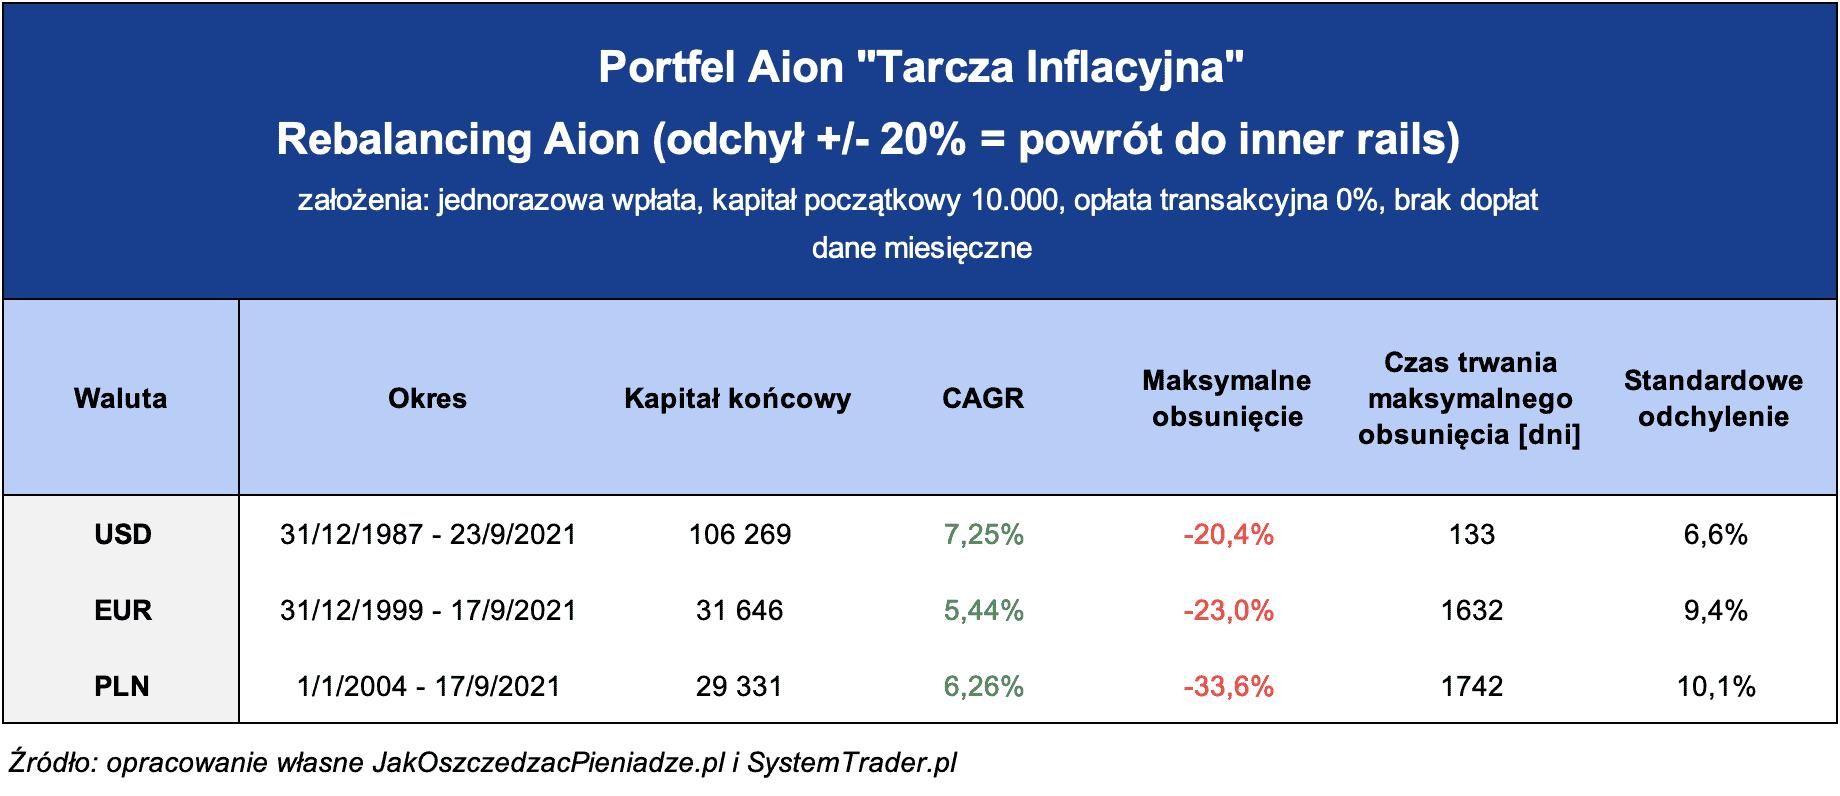 Aion Tarcza Inflacyjna